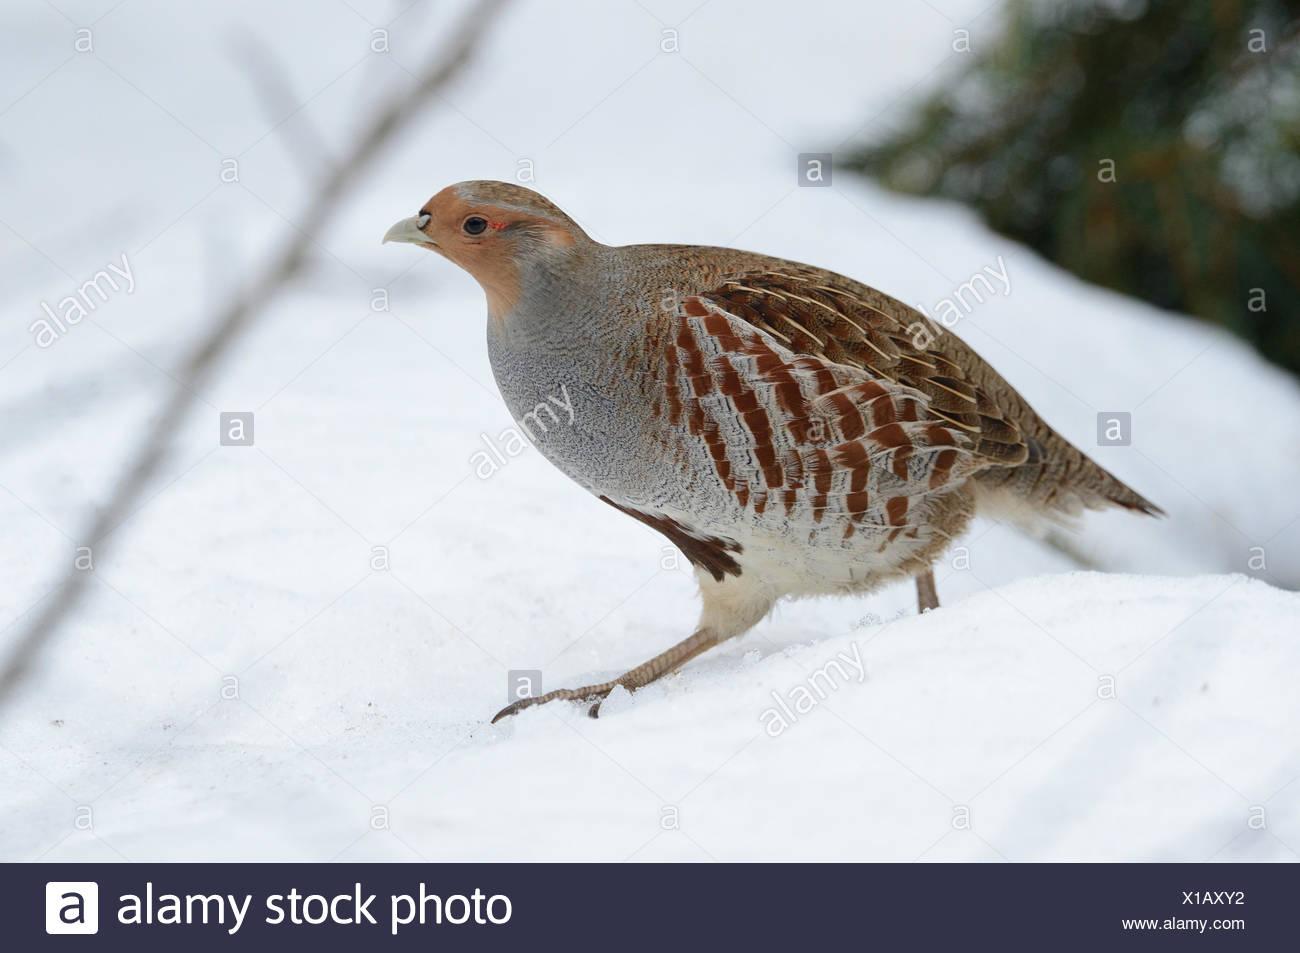 Partridge, Perdix perdix, chickens, hens, wild chickens, bird, Galliformes, partridges, bird, birds, winter, snow, Germany, Europ - Stock Image